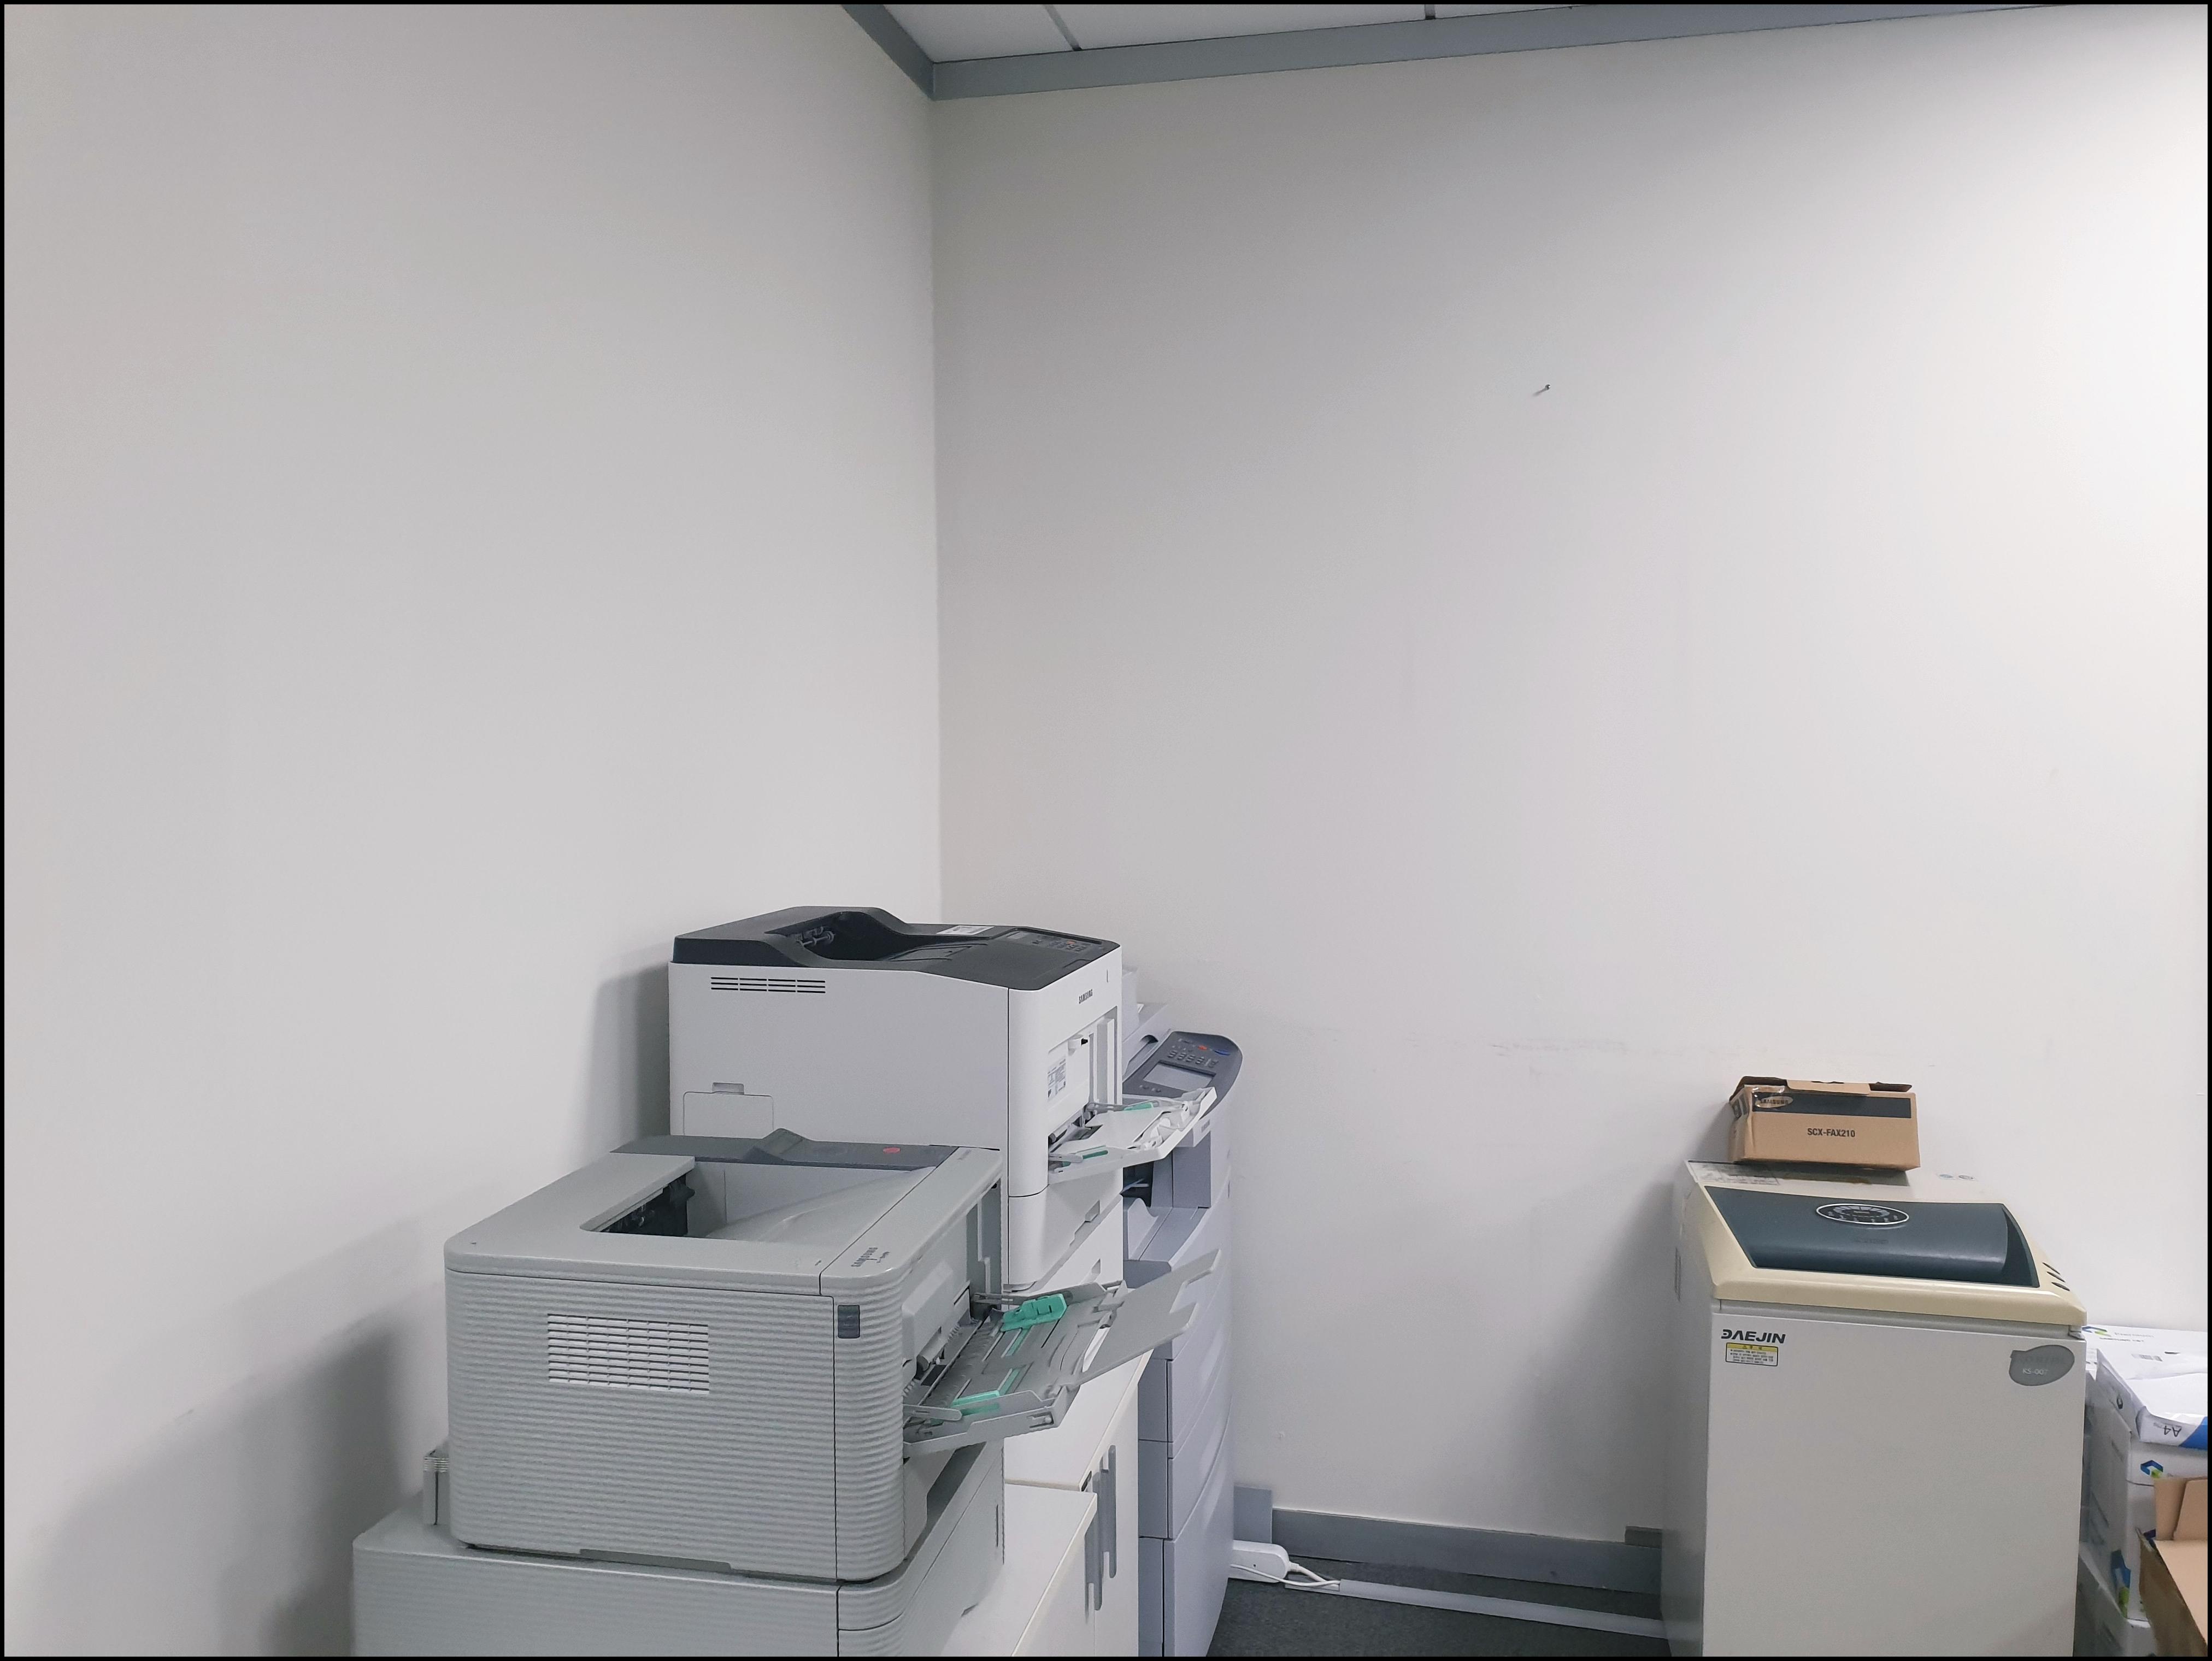 12 번째 사진 제2종 근린생활시설 에  연면적 ㎡ 일반 사무실 건물 석면조사 현장